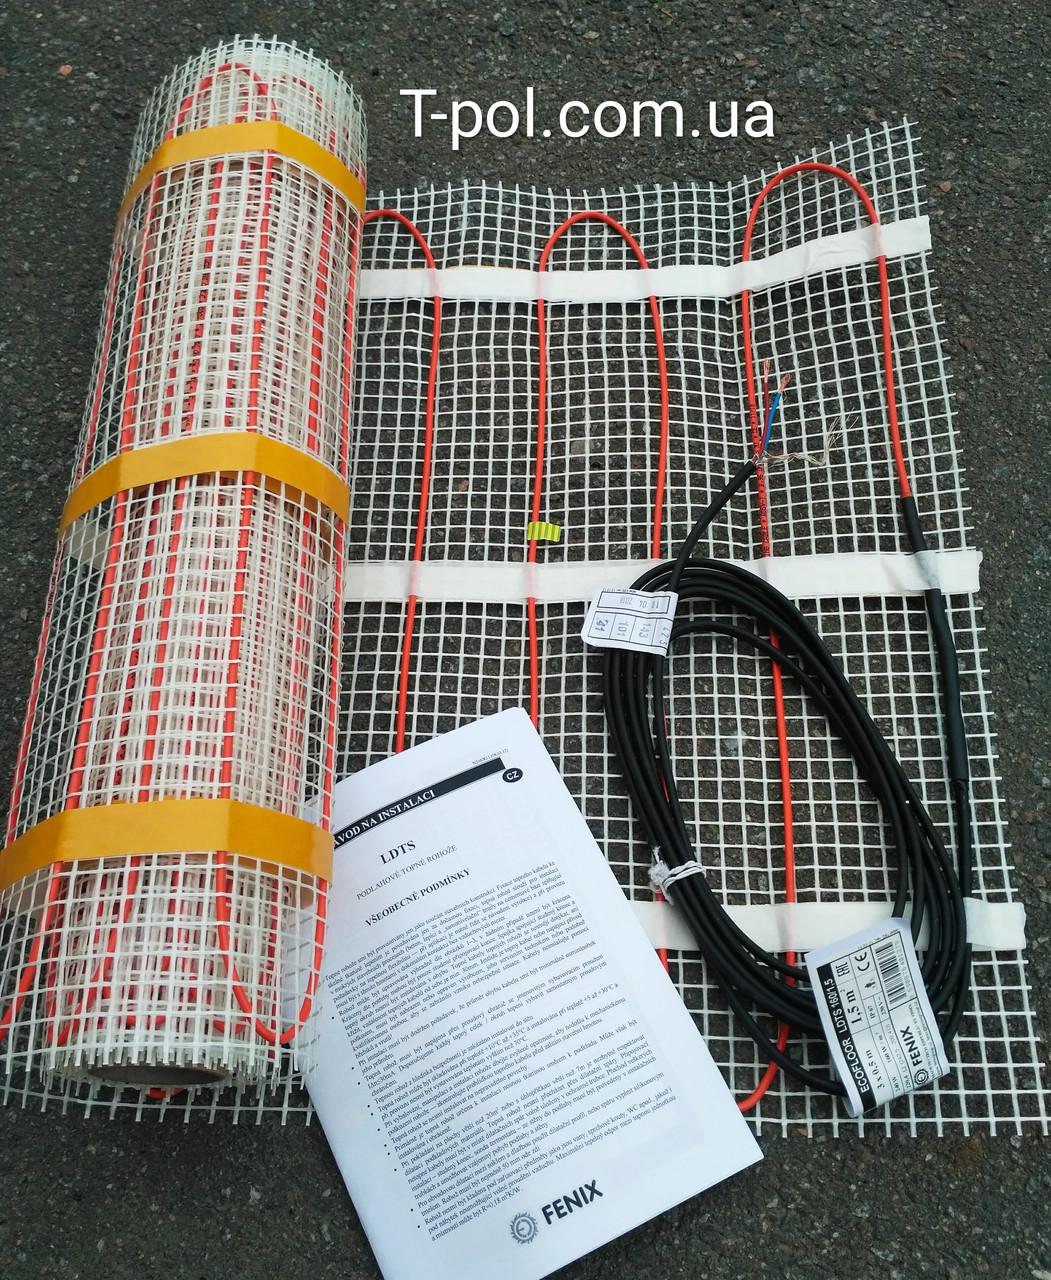 Теплый пол без стяжки нагревательный мат ldts 1 м2 Ecoflor Fenix Чехия